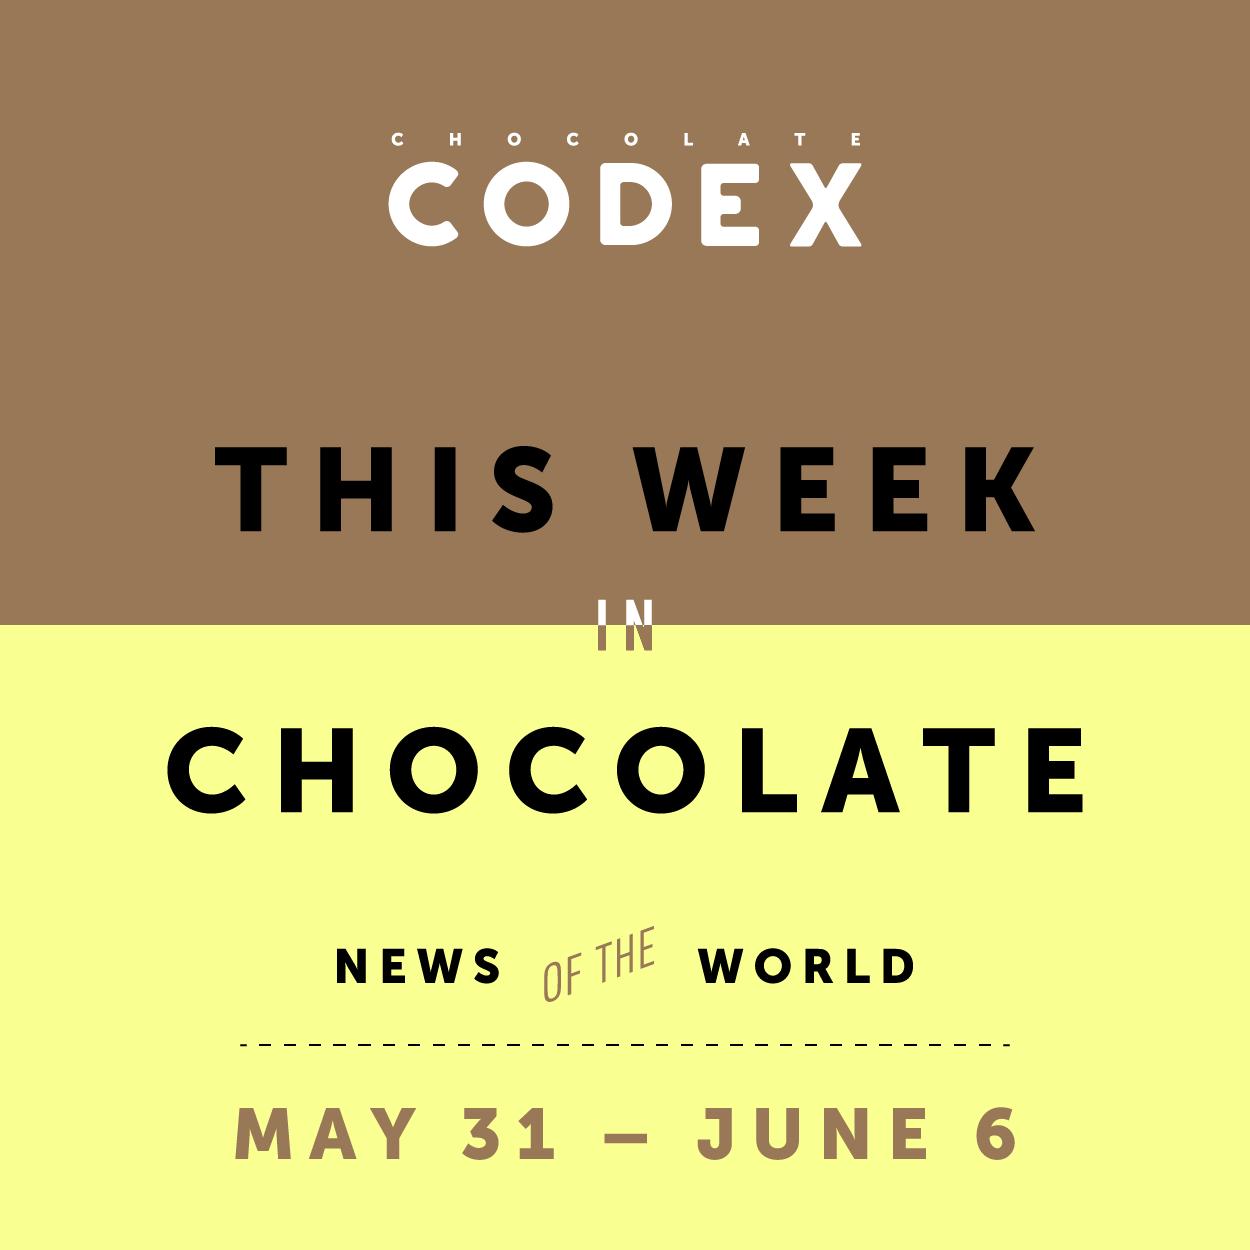 Chocolate_Codex_This_Week_in_Chocolate_Week_23